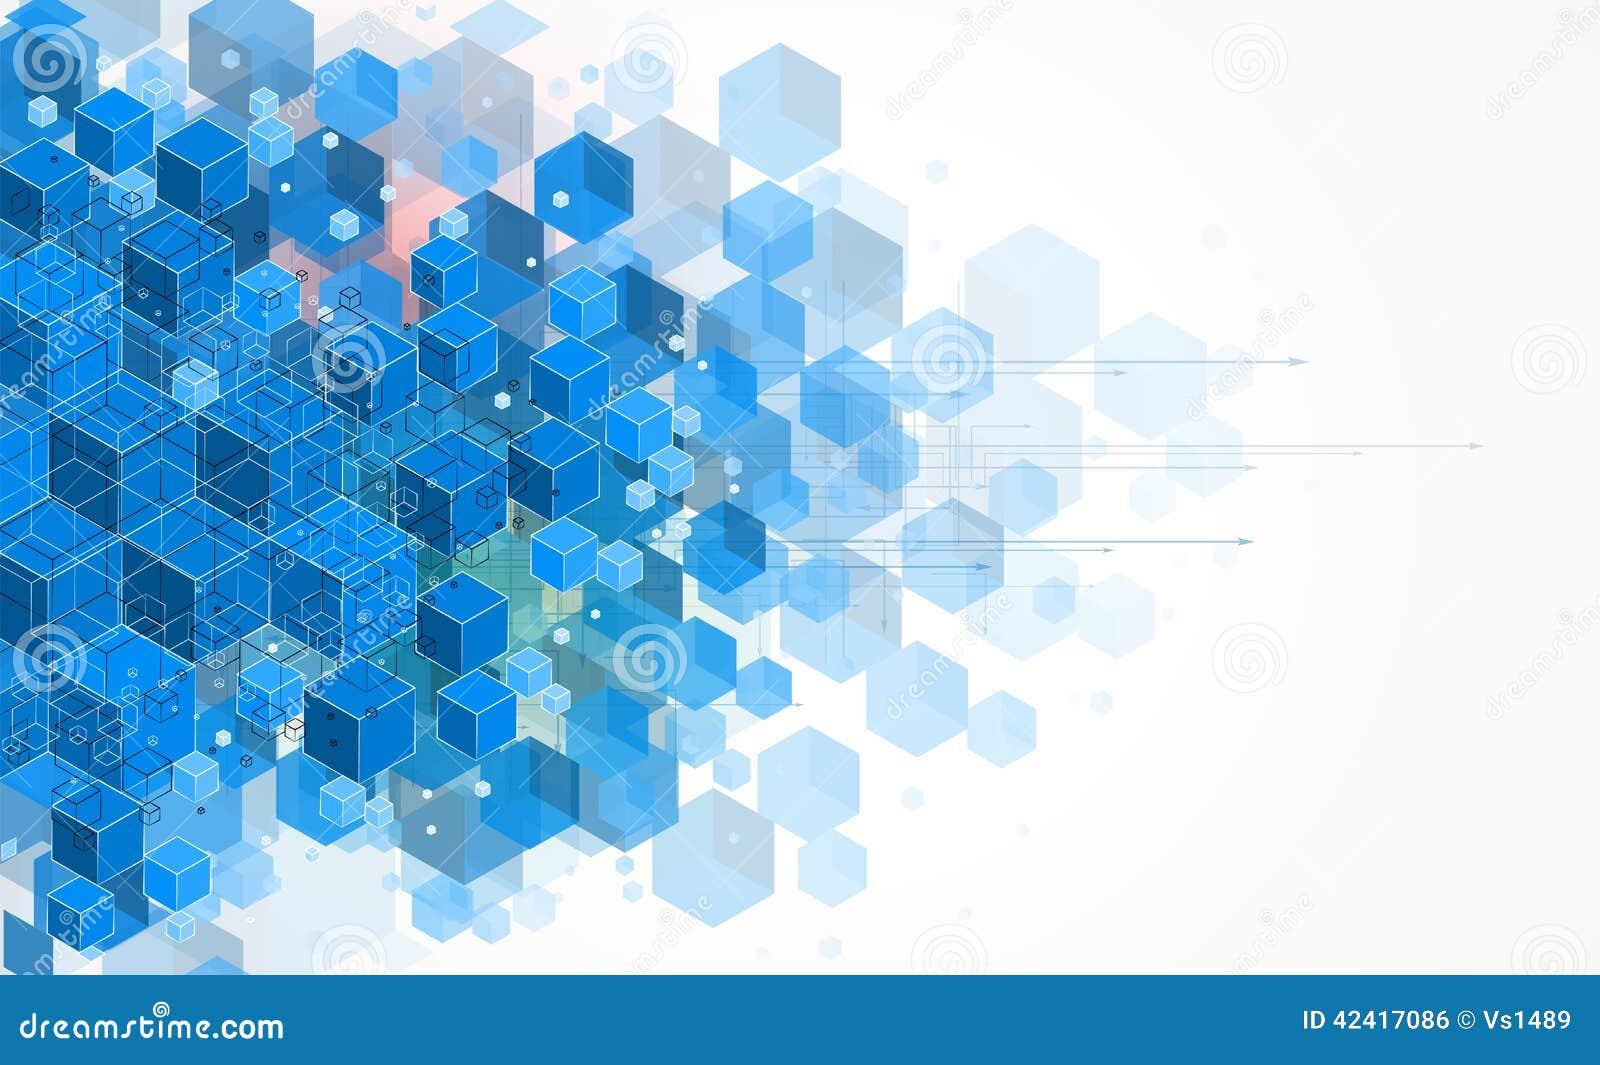 Konzept für Firmenkundengeschäft u. Entwicklung der neuen Technologie